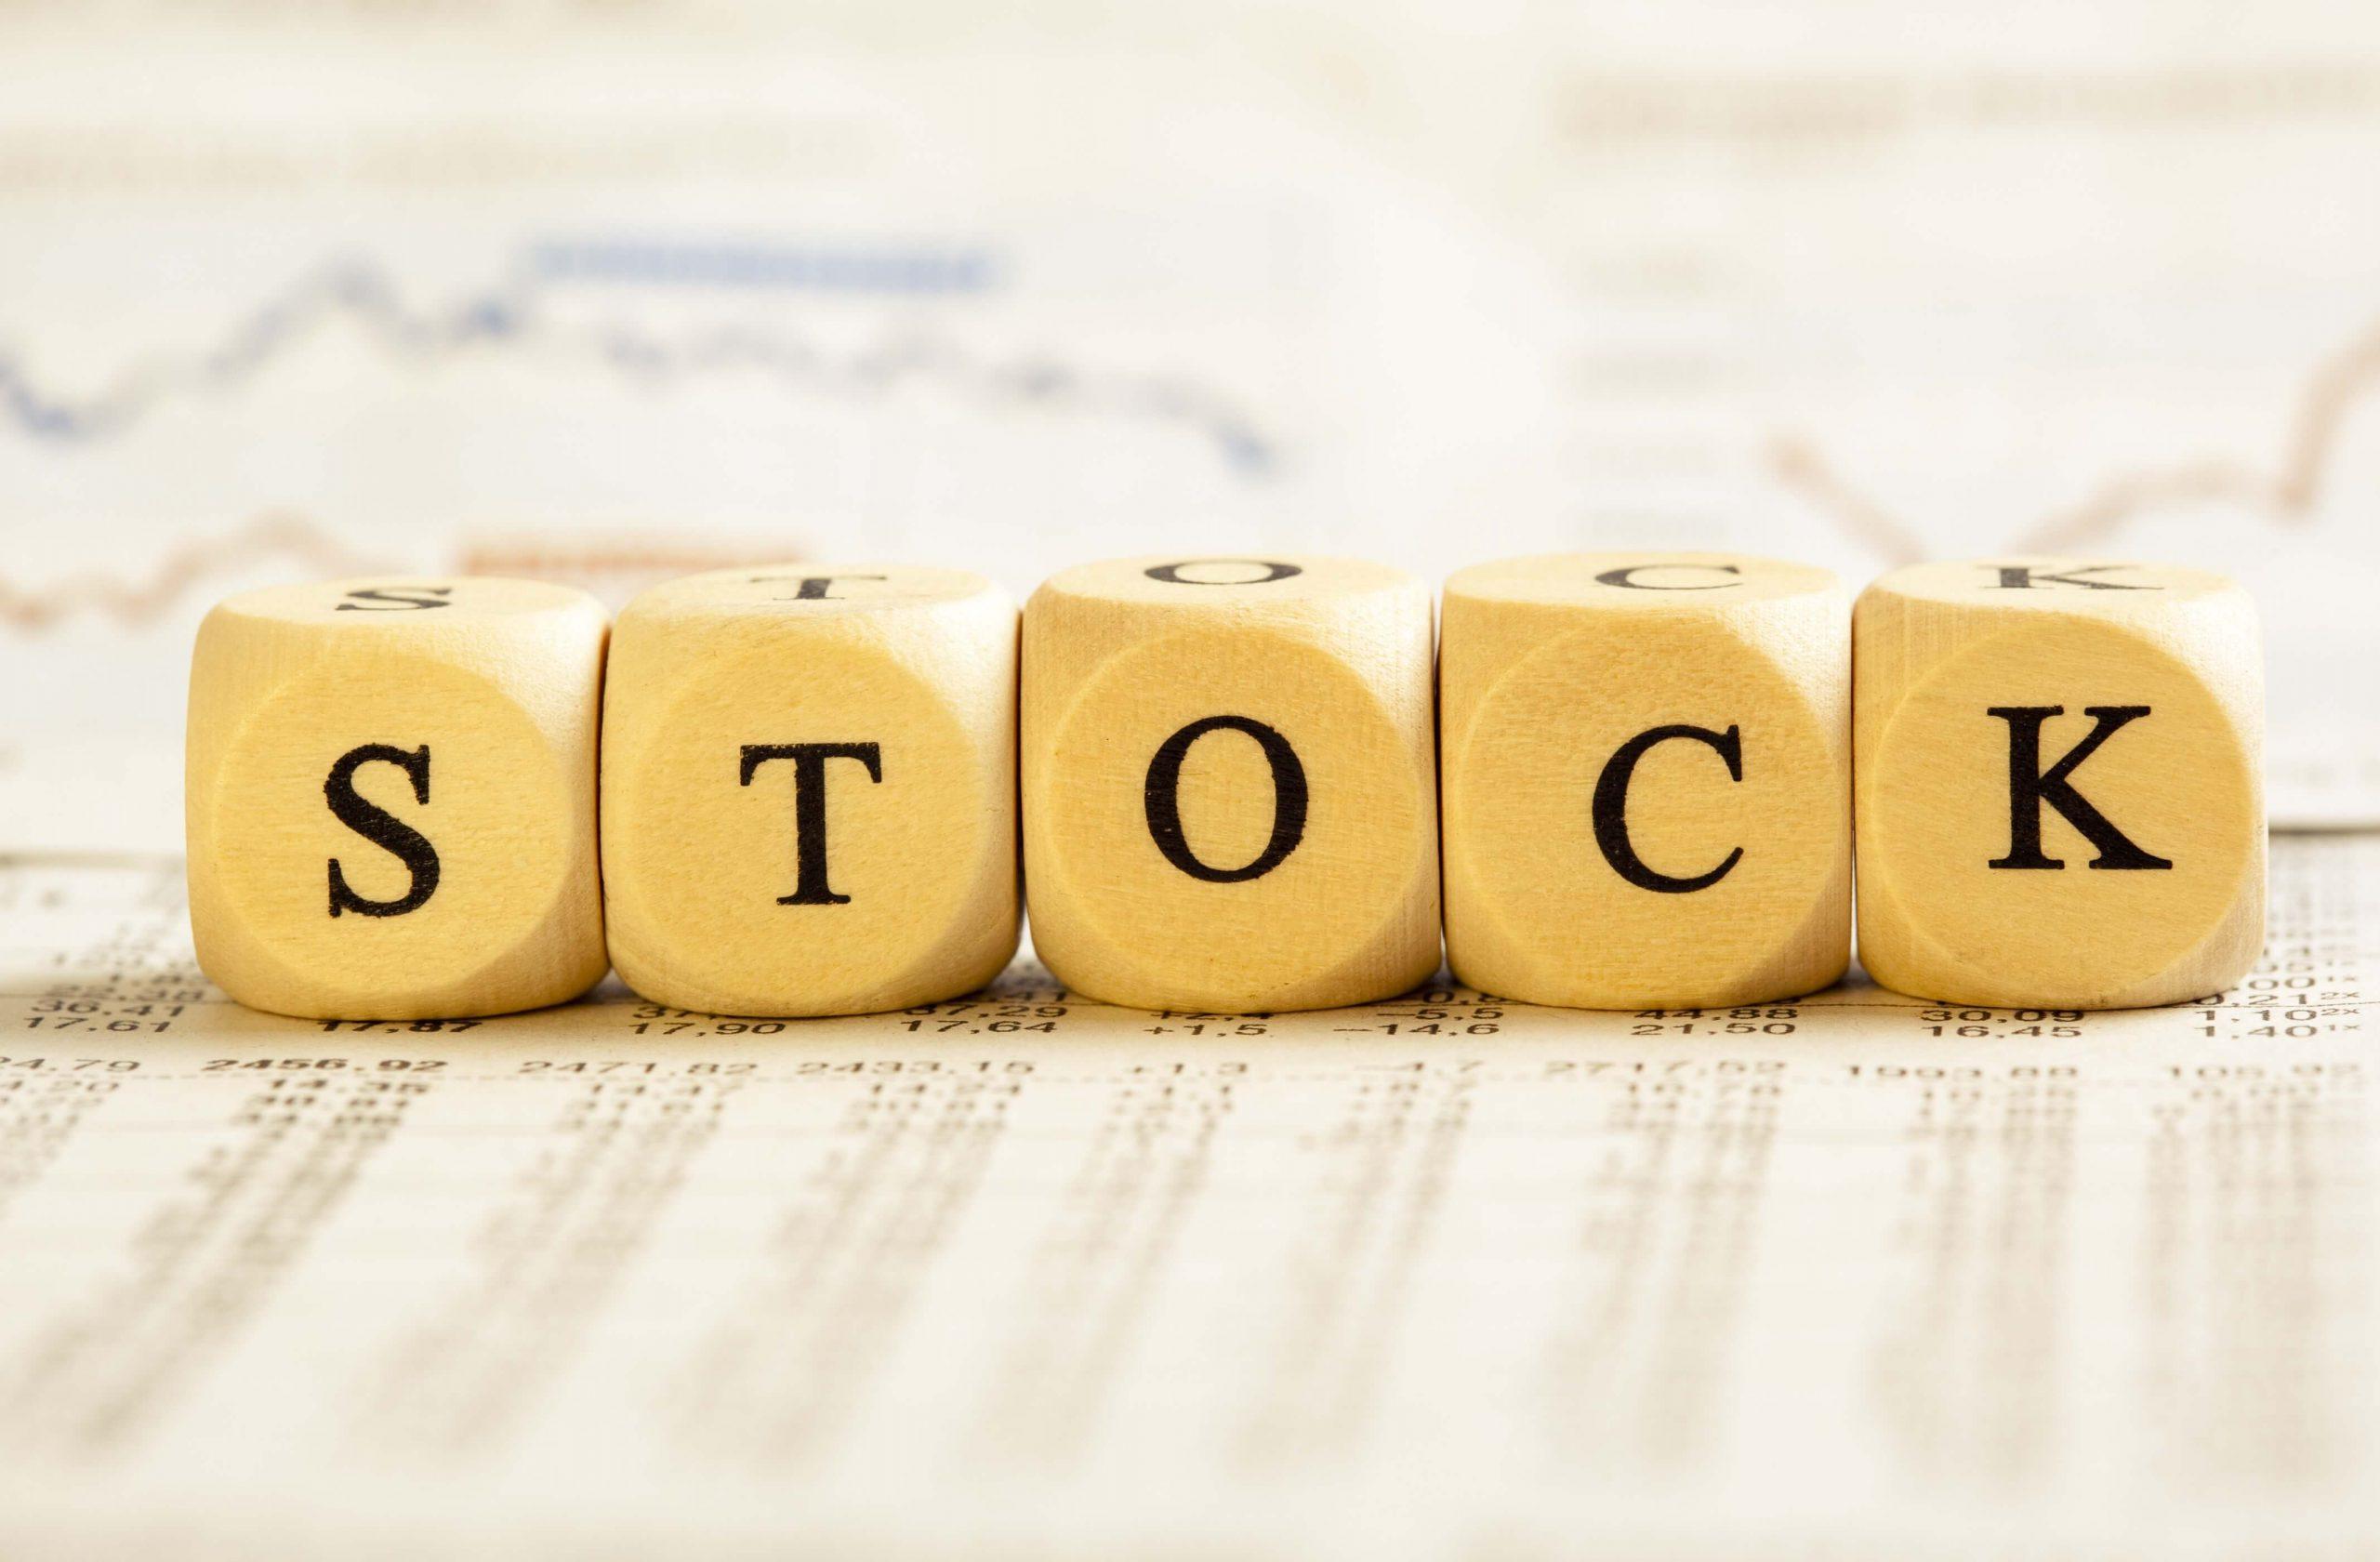 Stock là gì? Ý nghĩa của Stock trong kinh tế, đồ họa và Photoshop